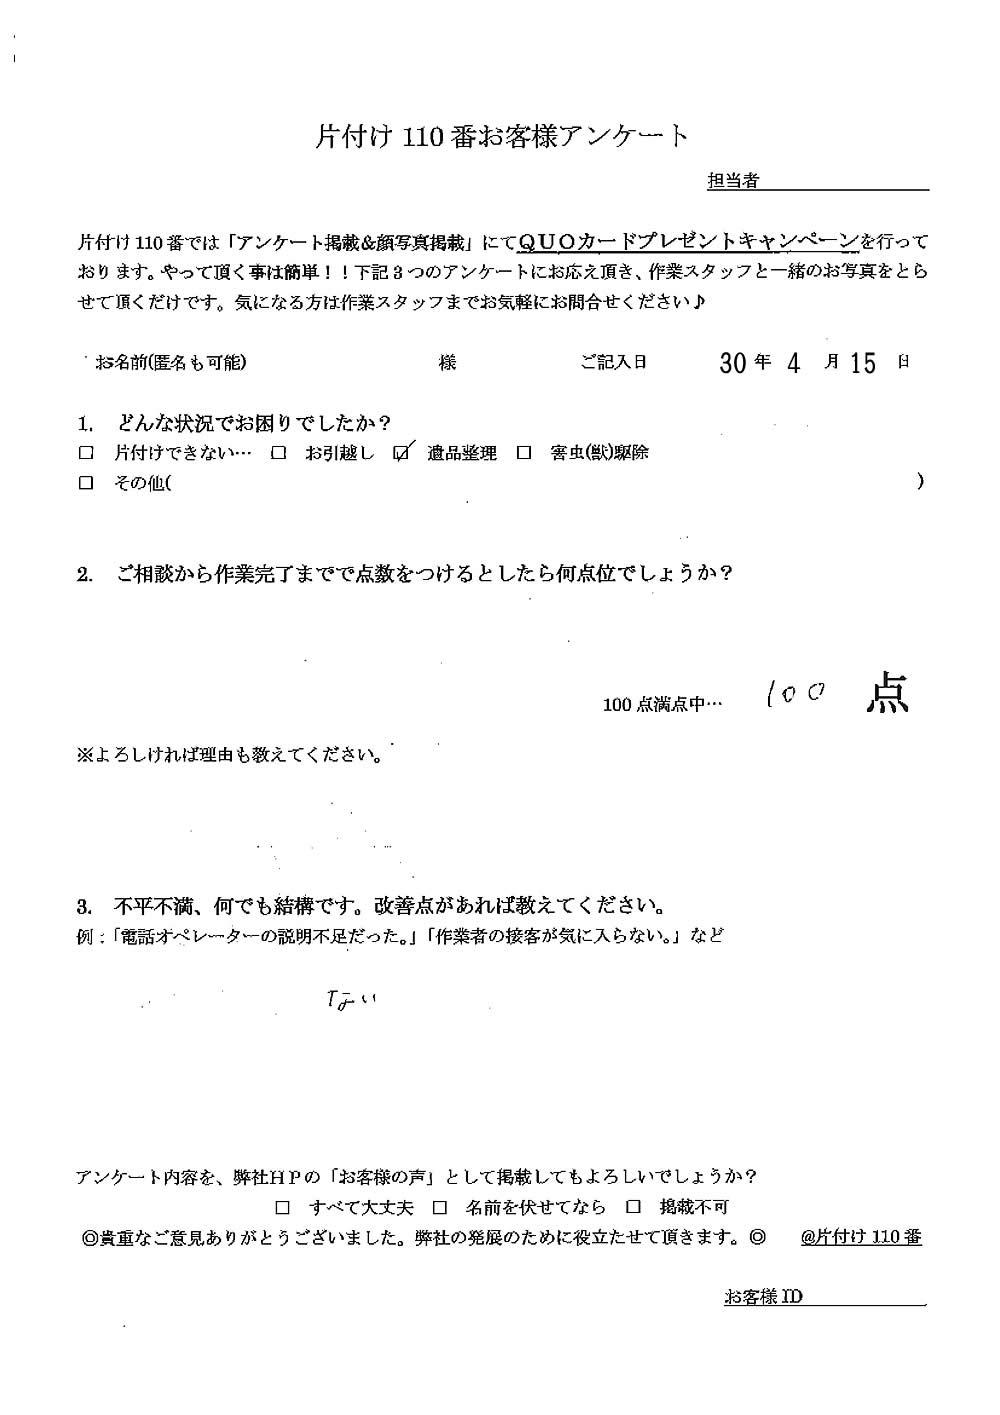 【新潟市】遺品整理に伴うお仏壇回収をご依頼の匿名希望様の声